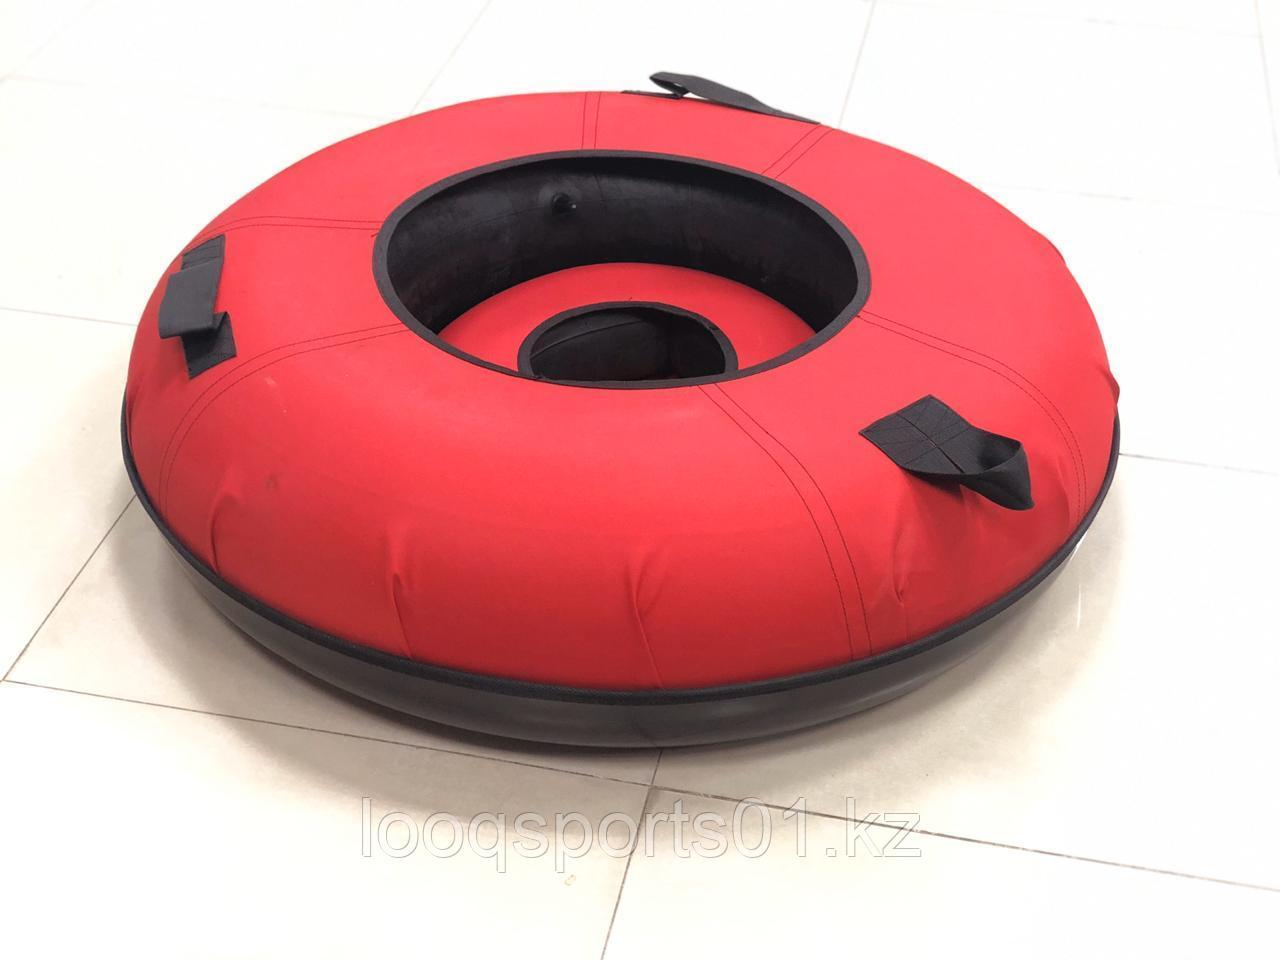 Тюбинг (круг) ватрушка надувной для катания 100см с бесплатной доставкой